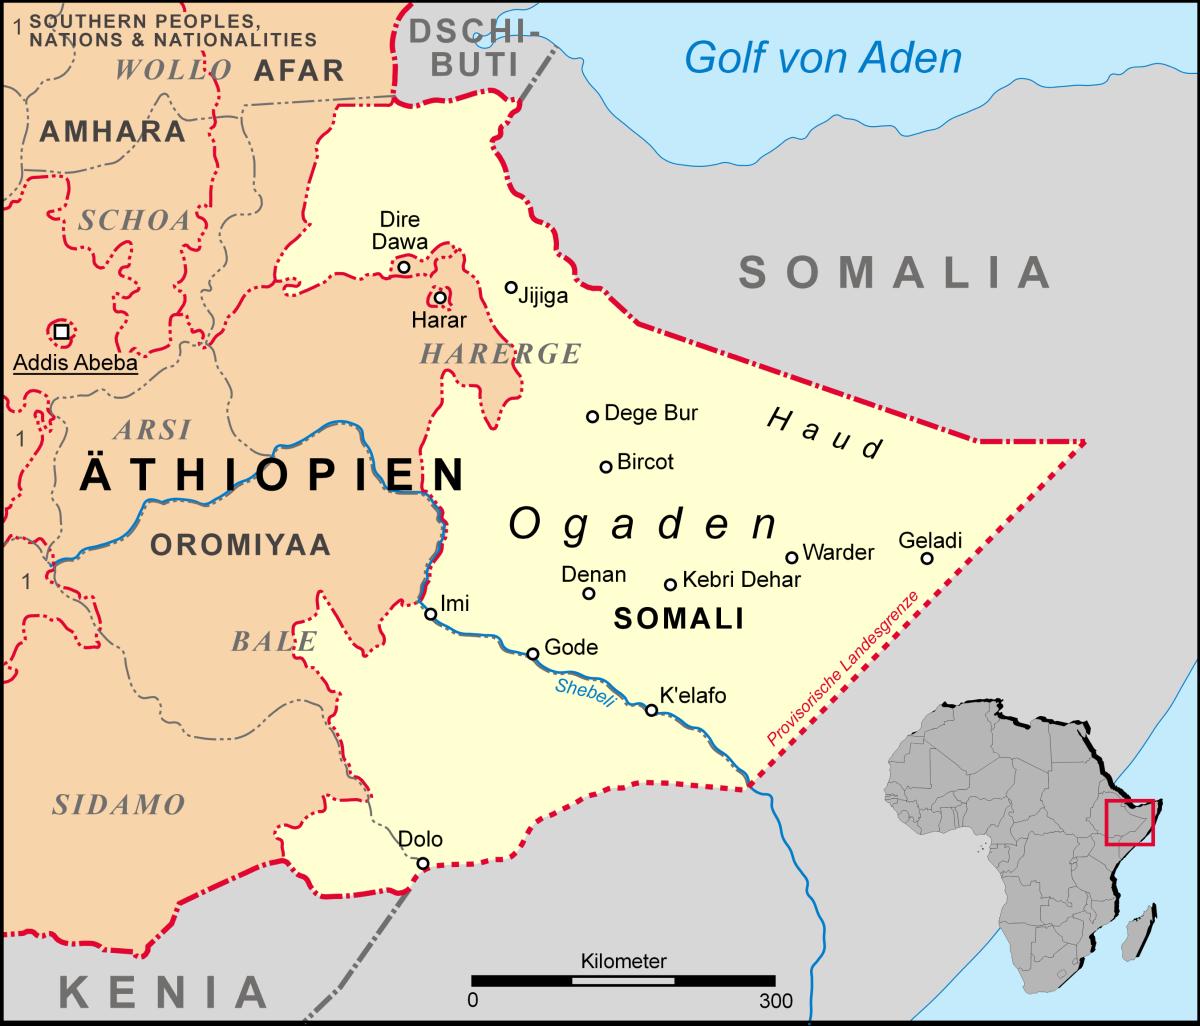 karte-ogaden-haud-somali.png